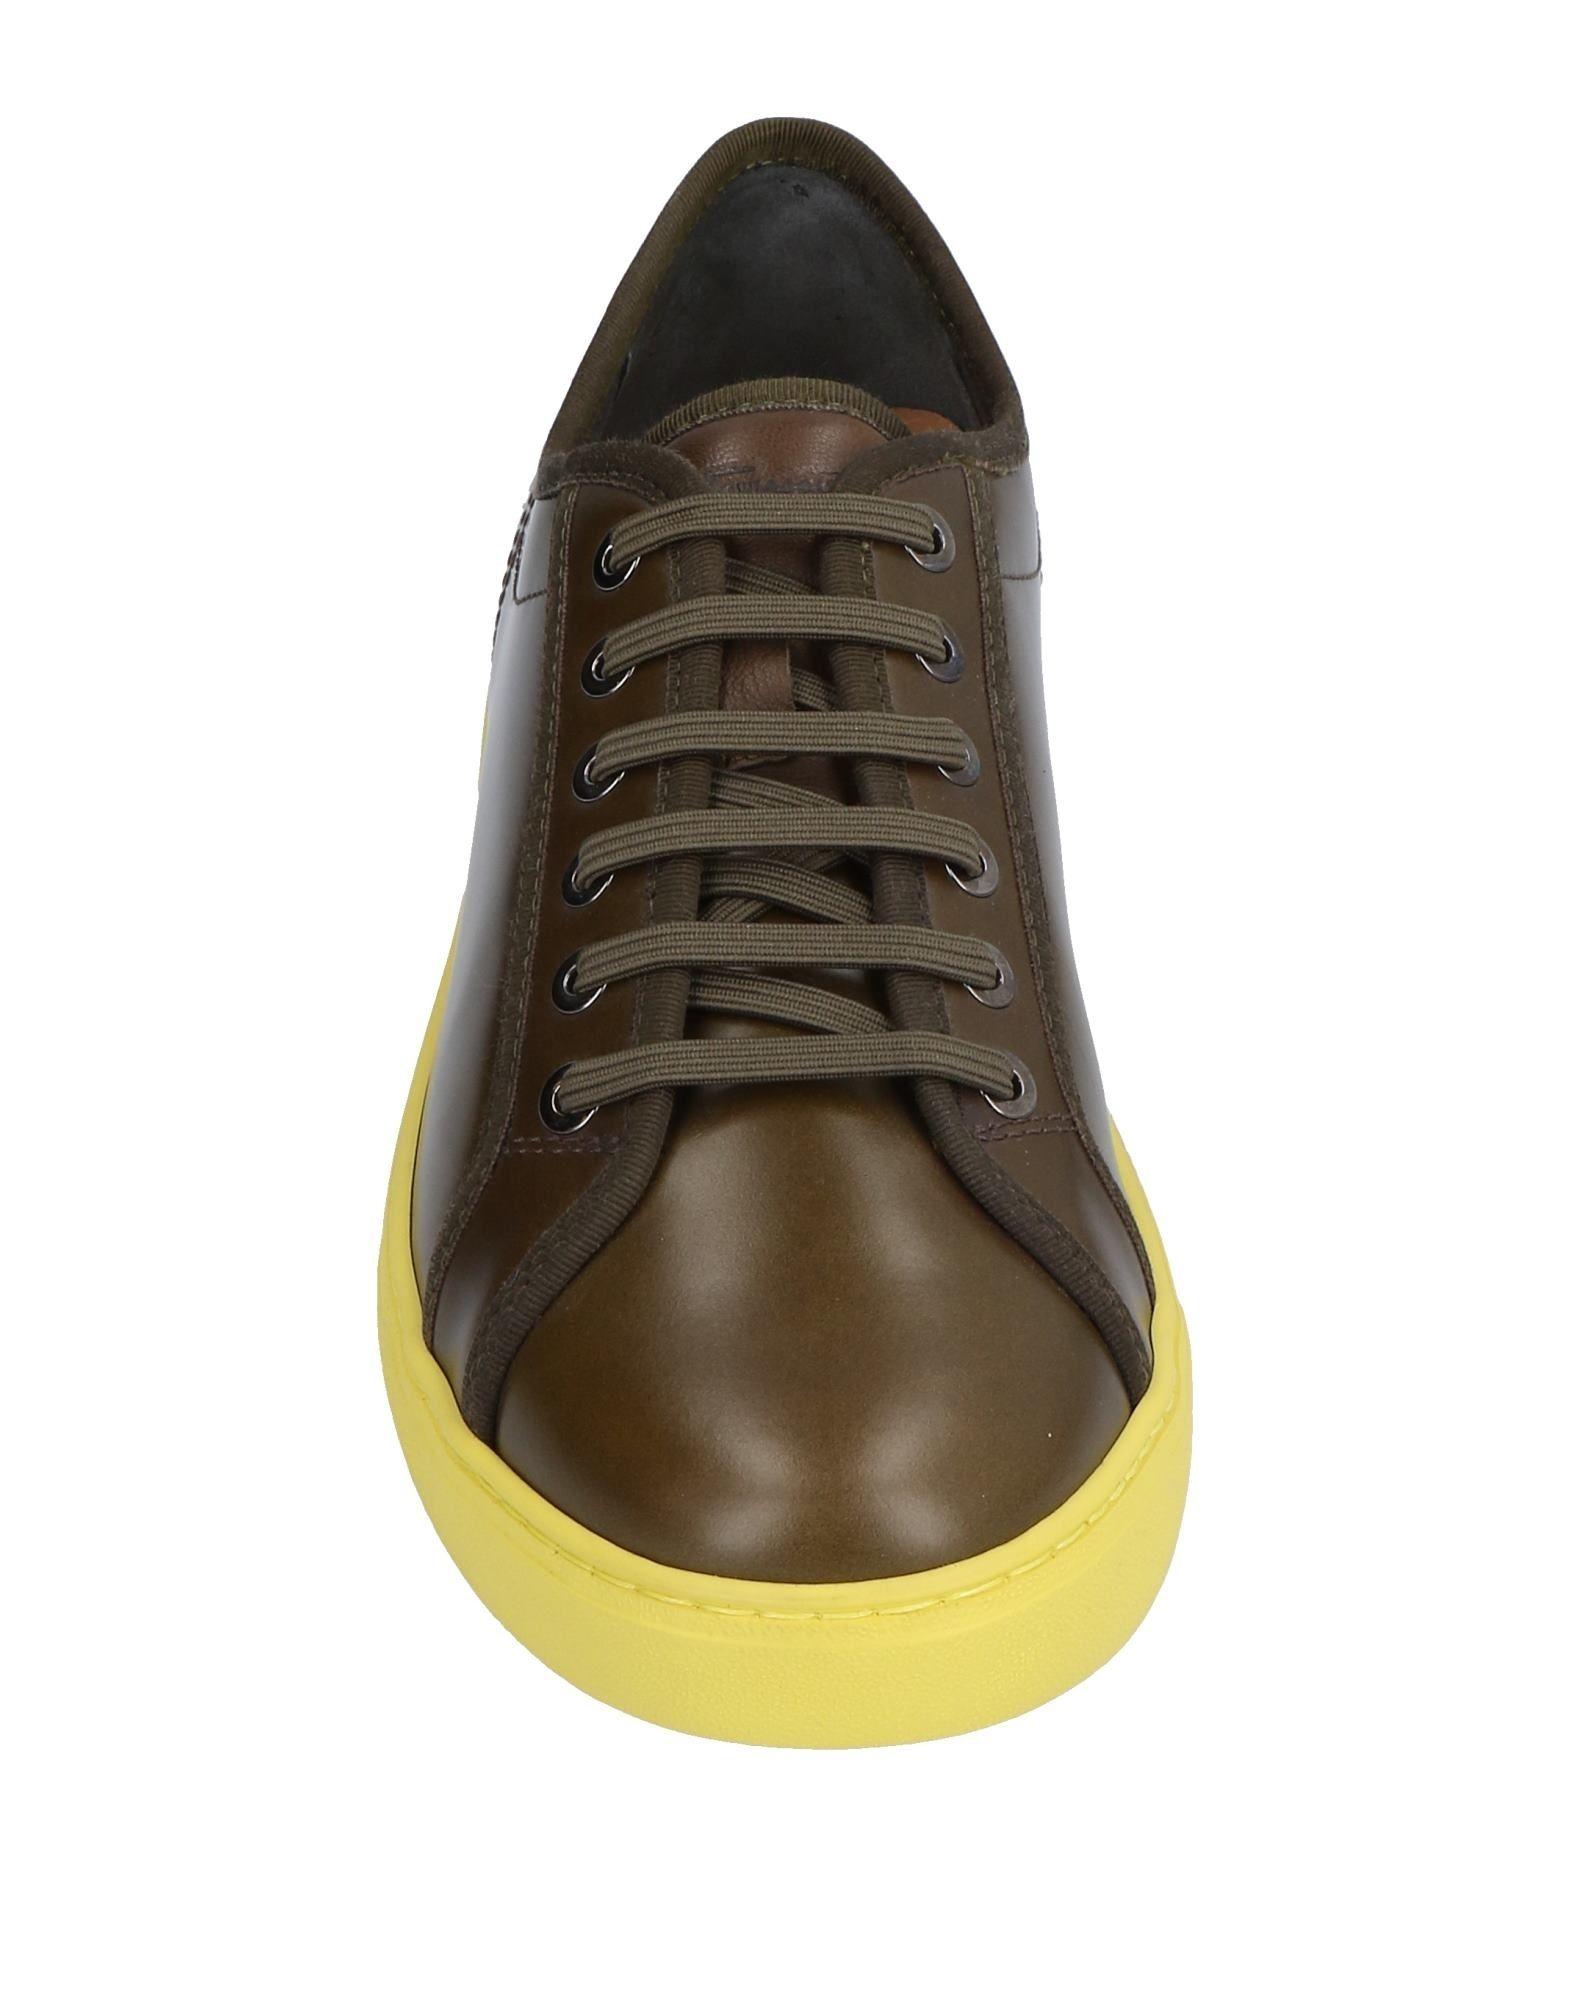 Salvatore Ferragamo Ferragamo Salvatore Sneakers Herren  11515632WP 5e6da8